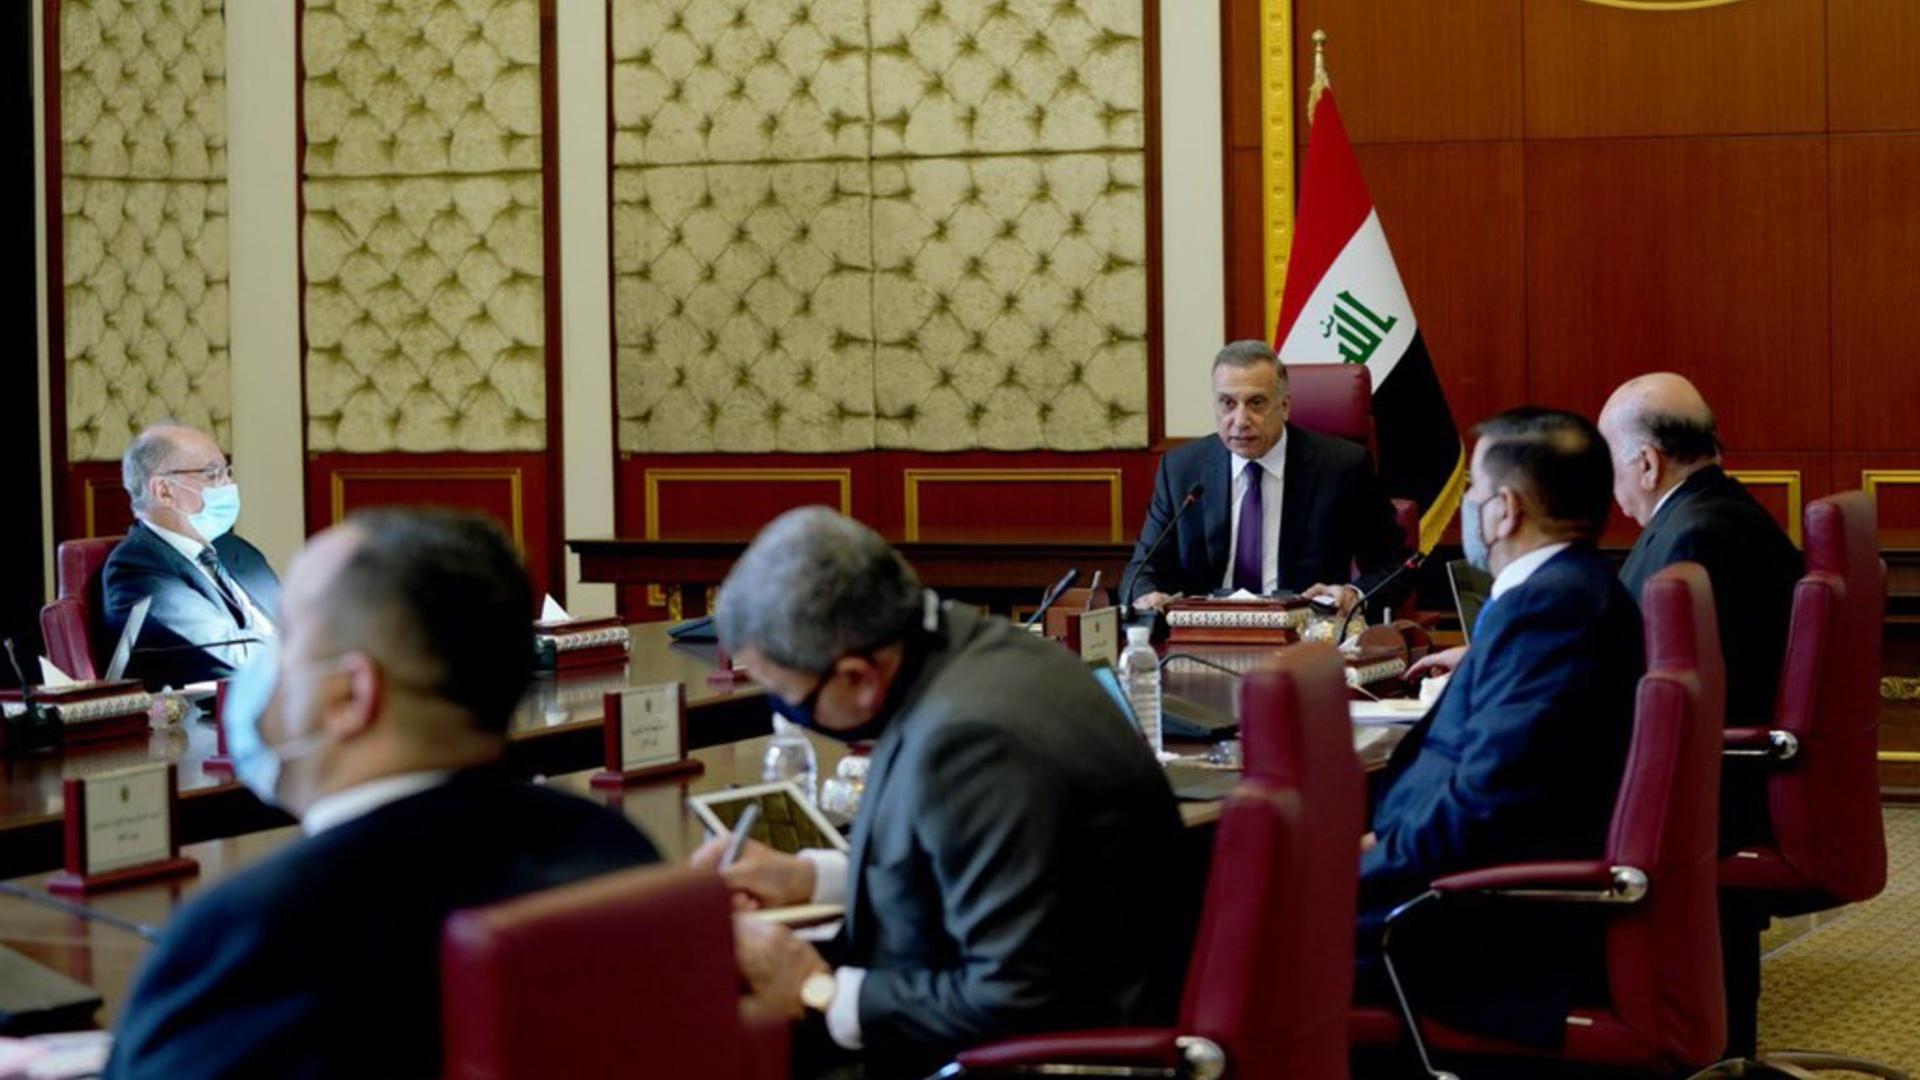 الكاظمي لوزراء حكومته: لا تكرروا أخطاء الحكومات السابقة